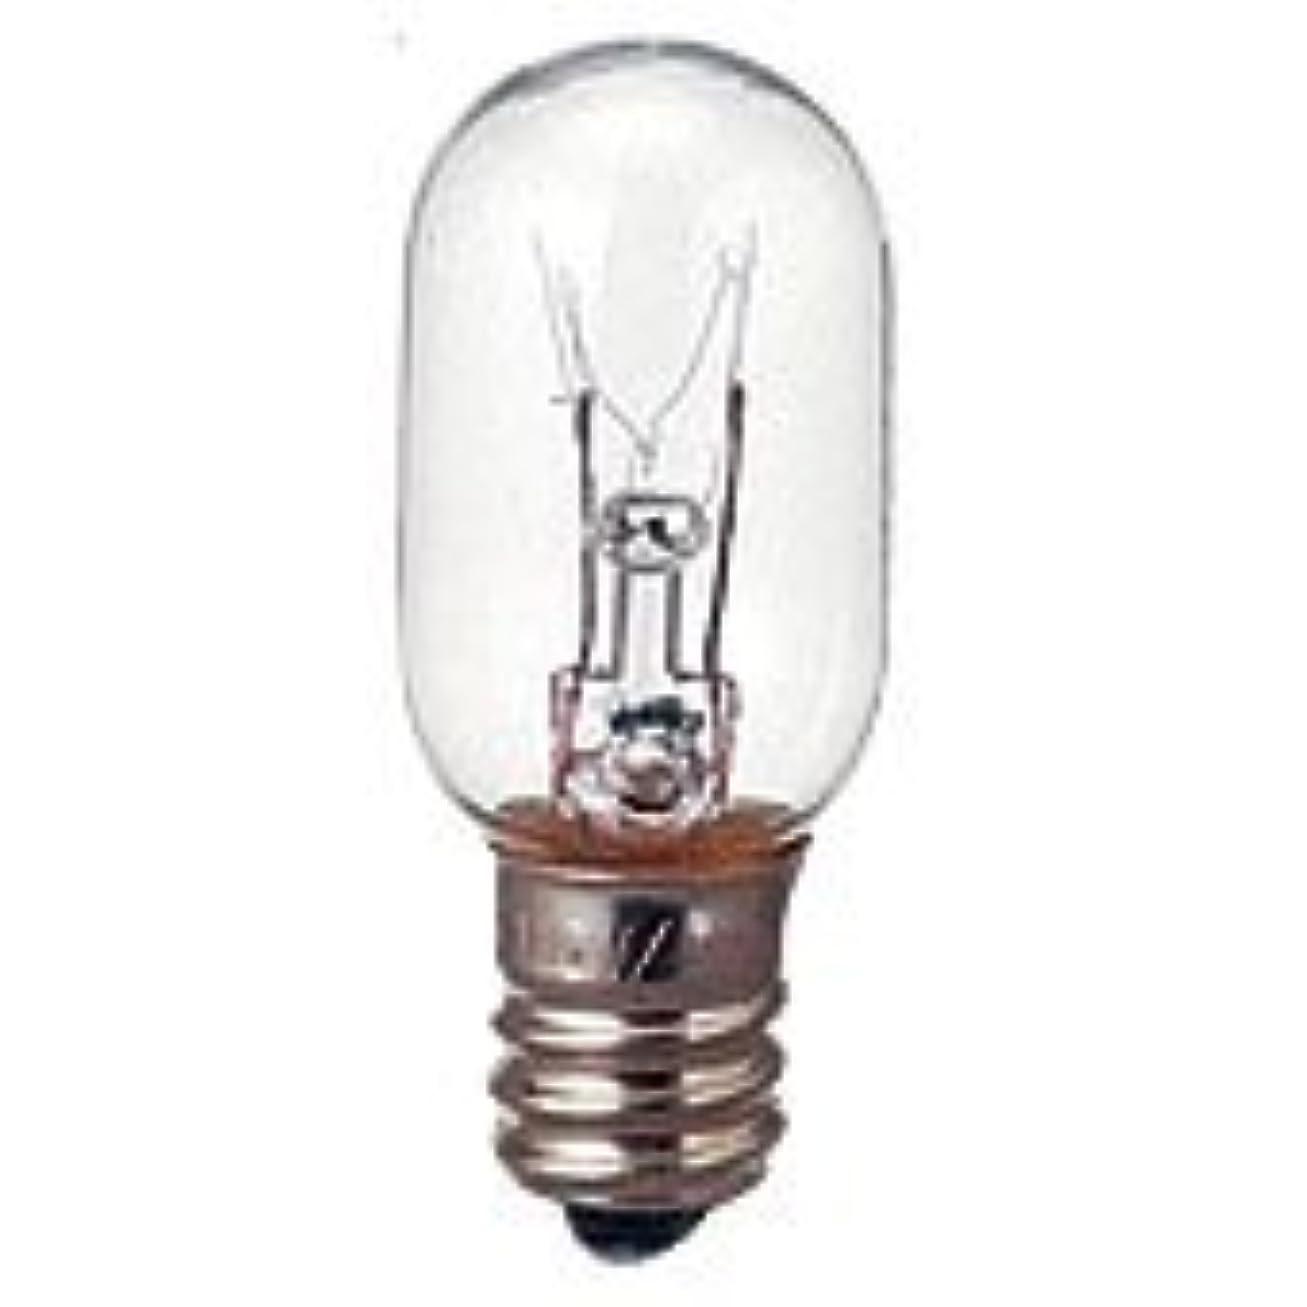 クルーズ反論者キャプション生活の木 オールナイト用電球(5W)